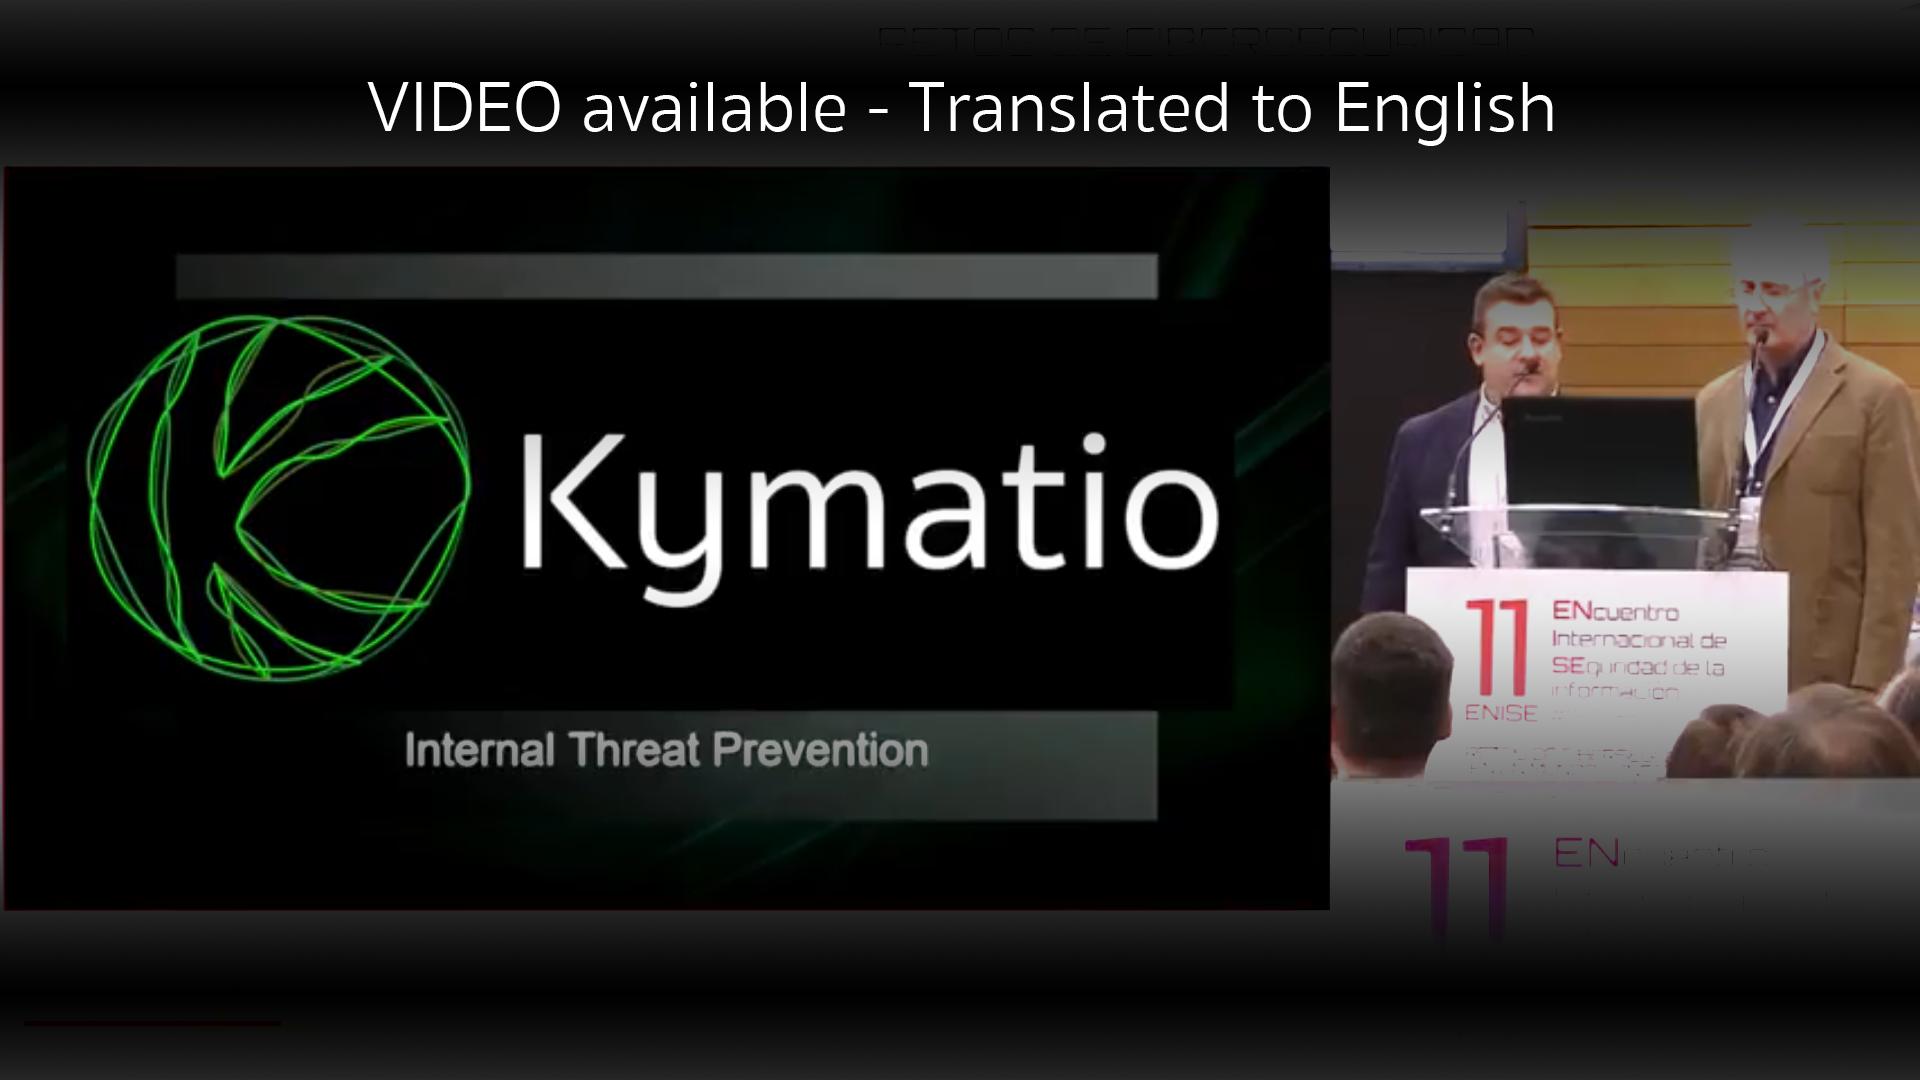 INCIBE Kymatio Ventures